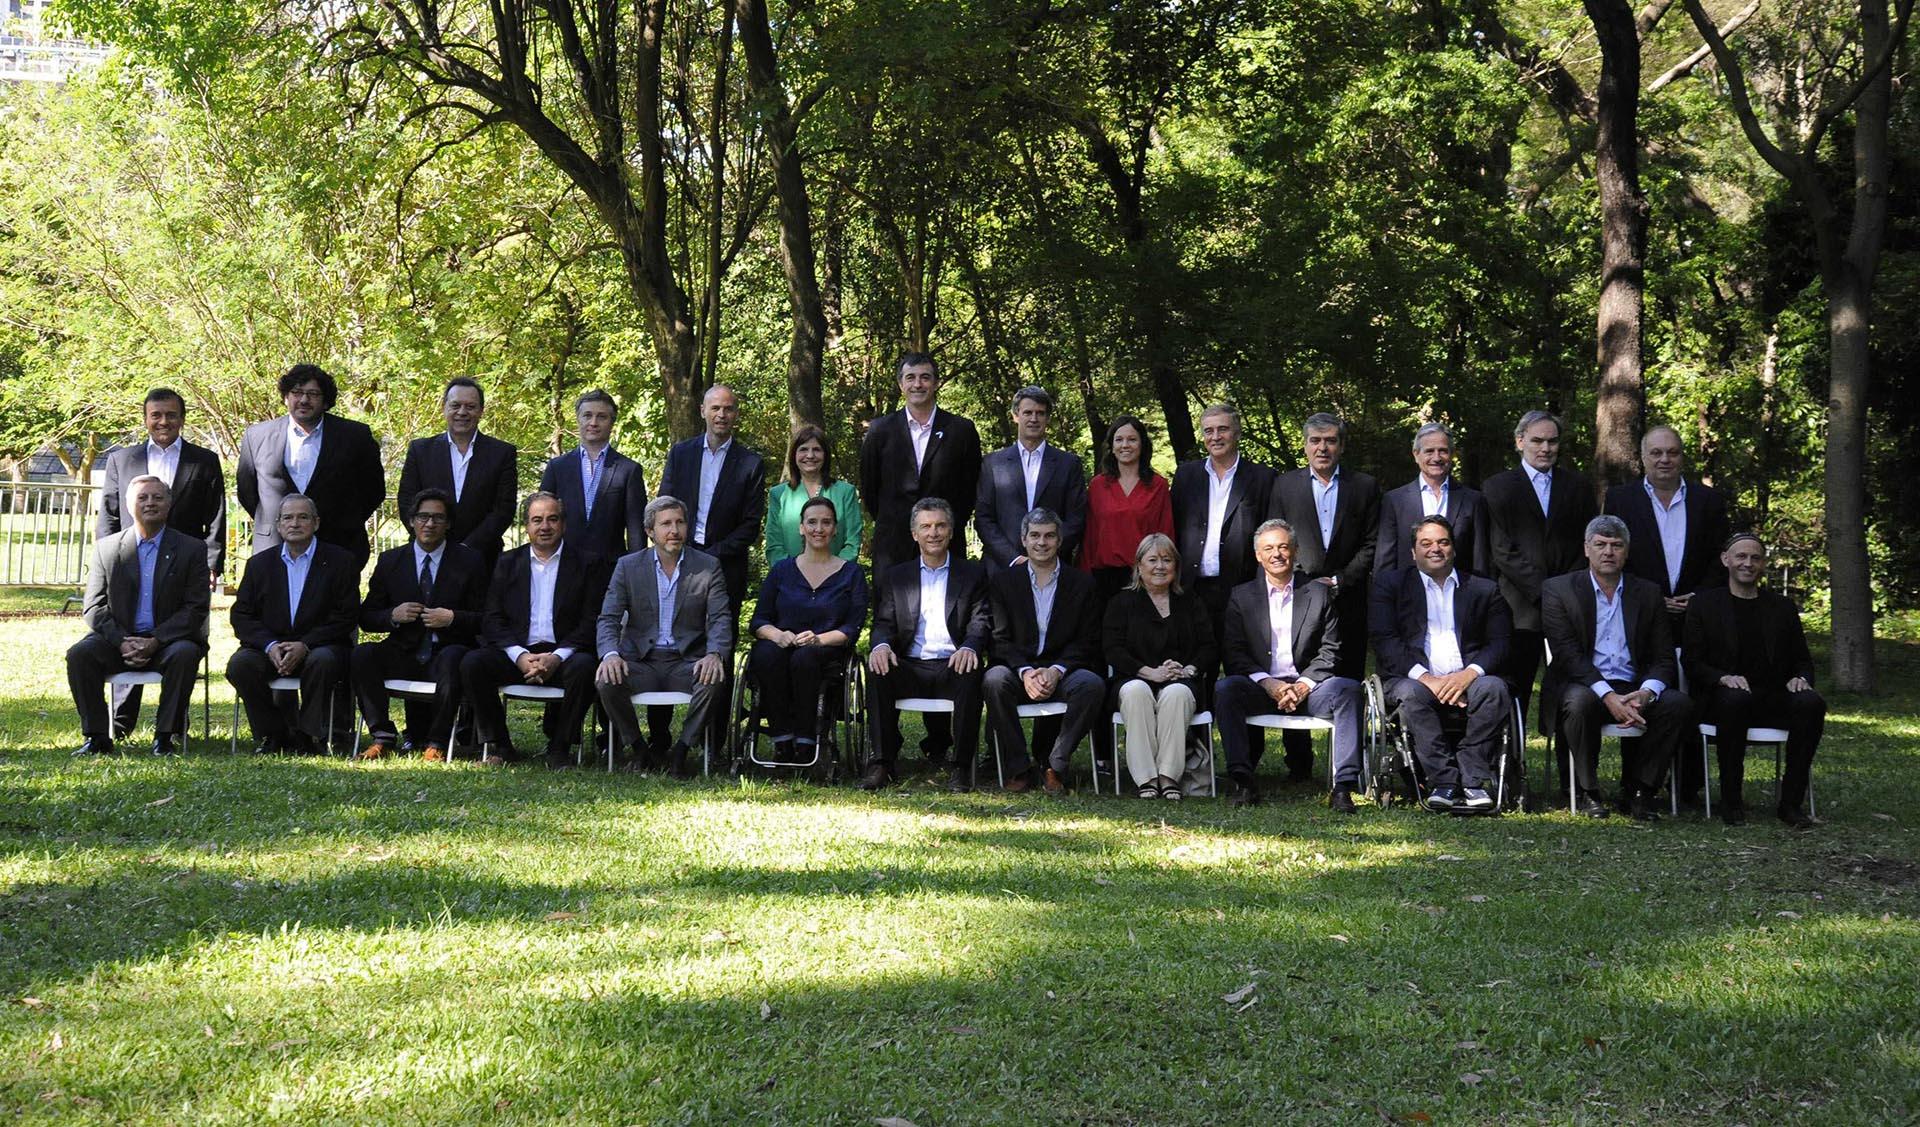 2015. Presentación del Gabinete en el Jardín Botánico de la Ciudad de Buenos Aires